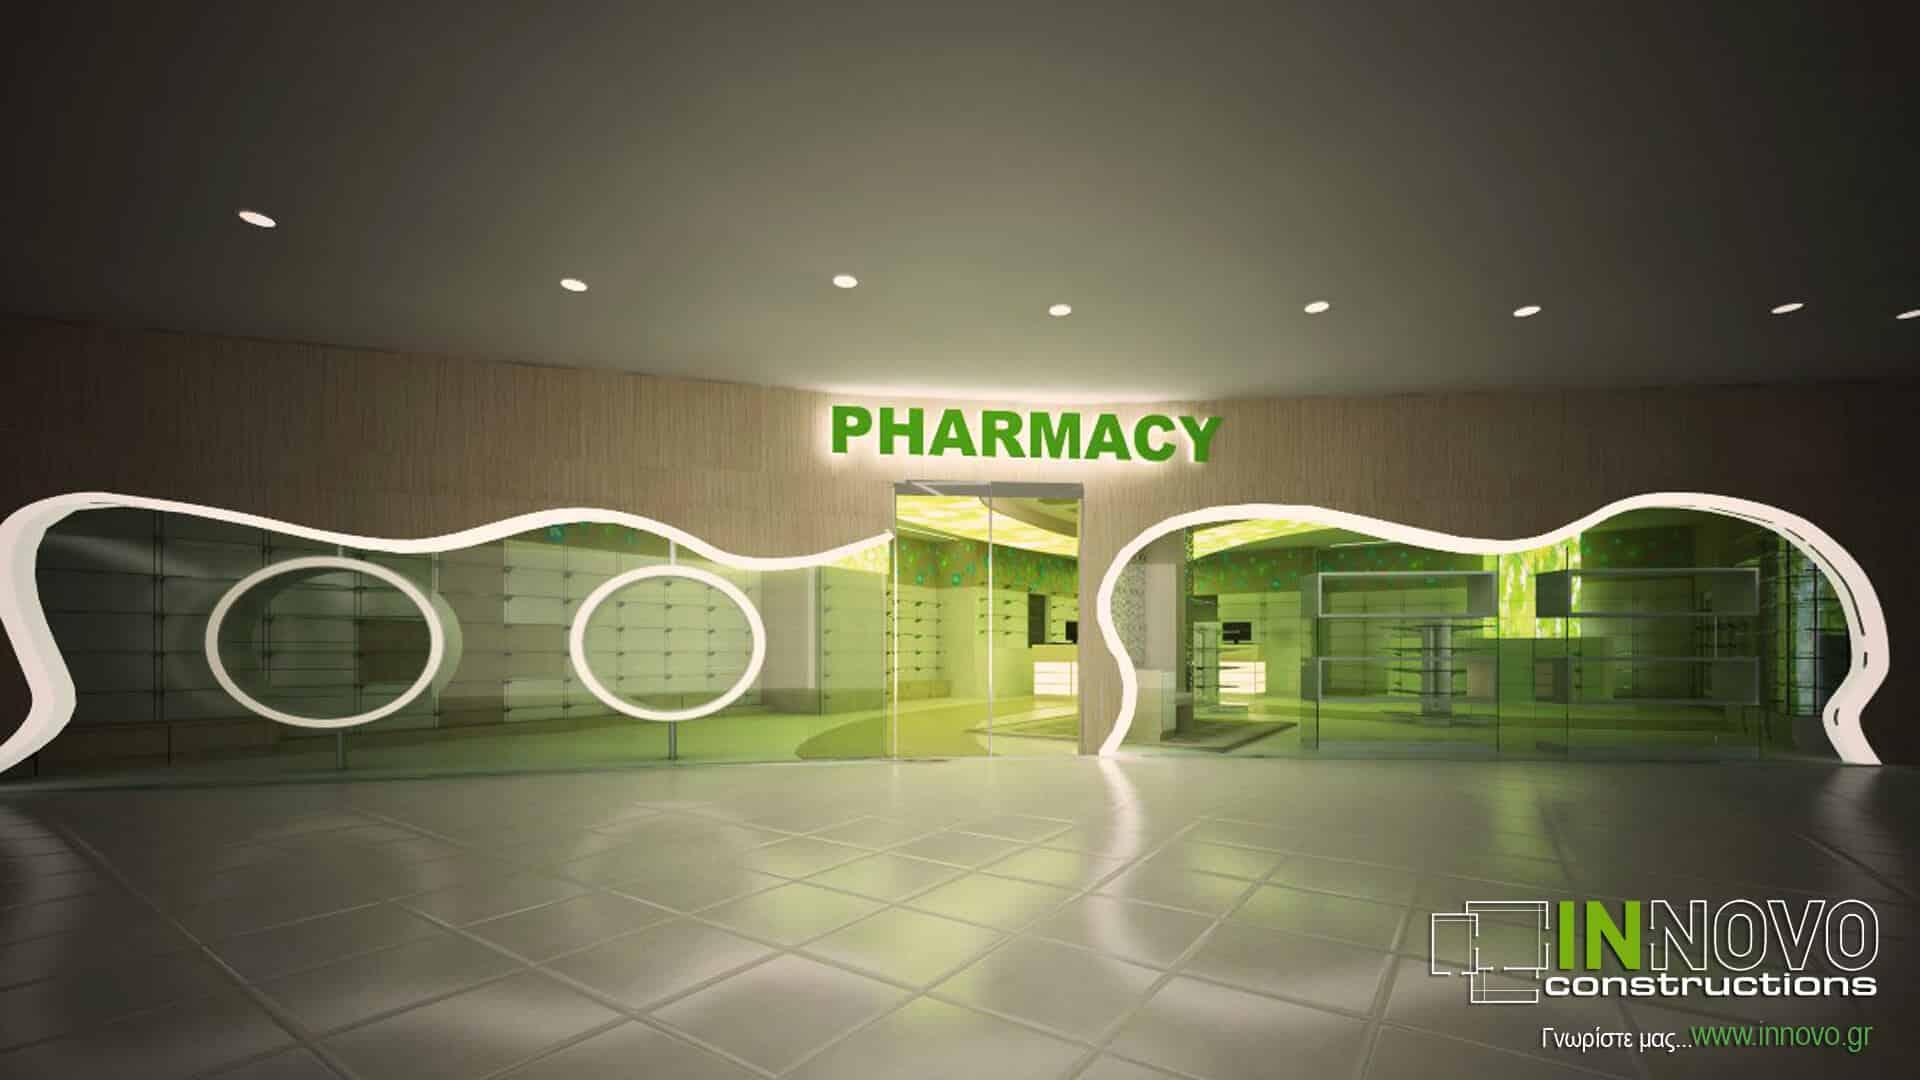 Μελέτη ανακαίνισης φαρμακείου Κατάρ